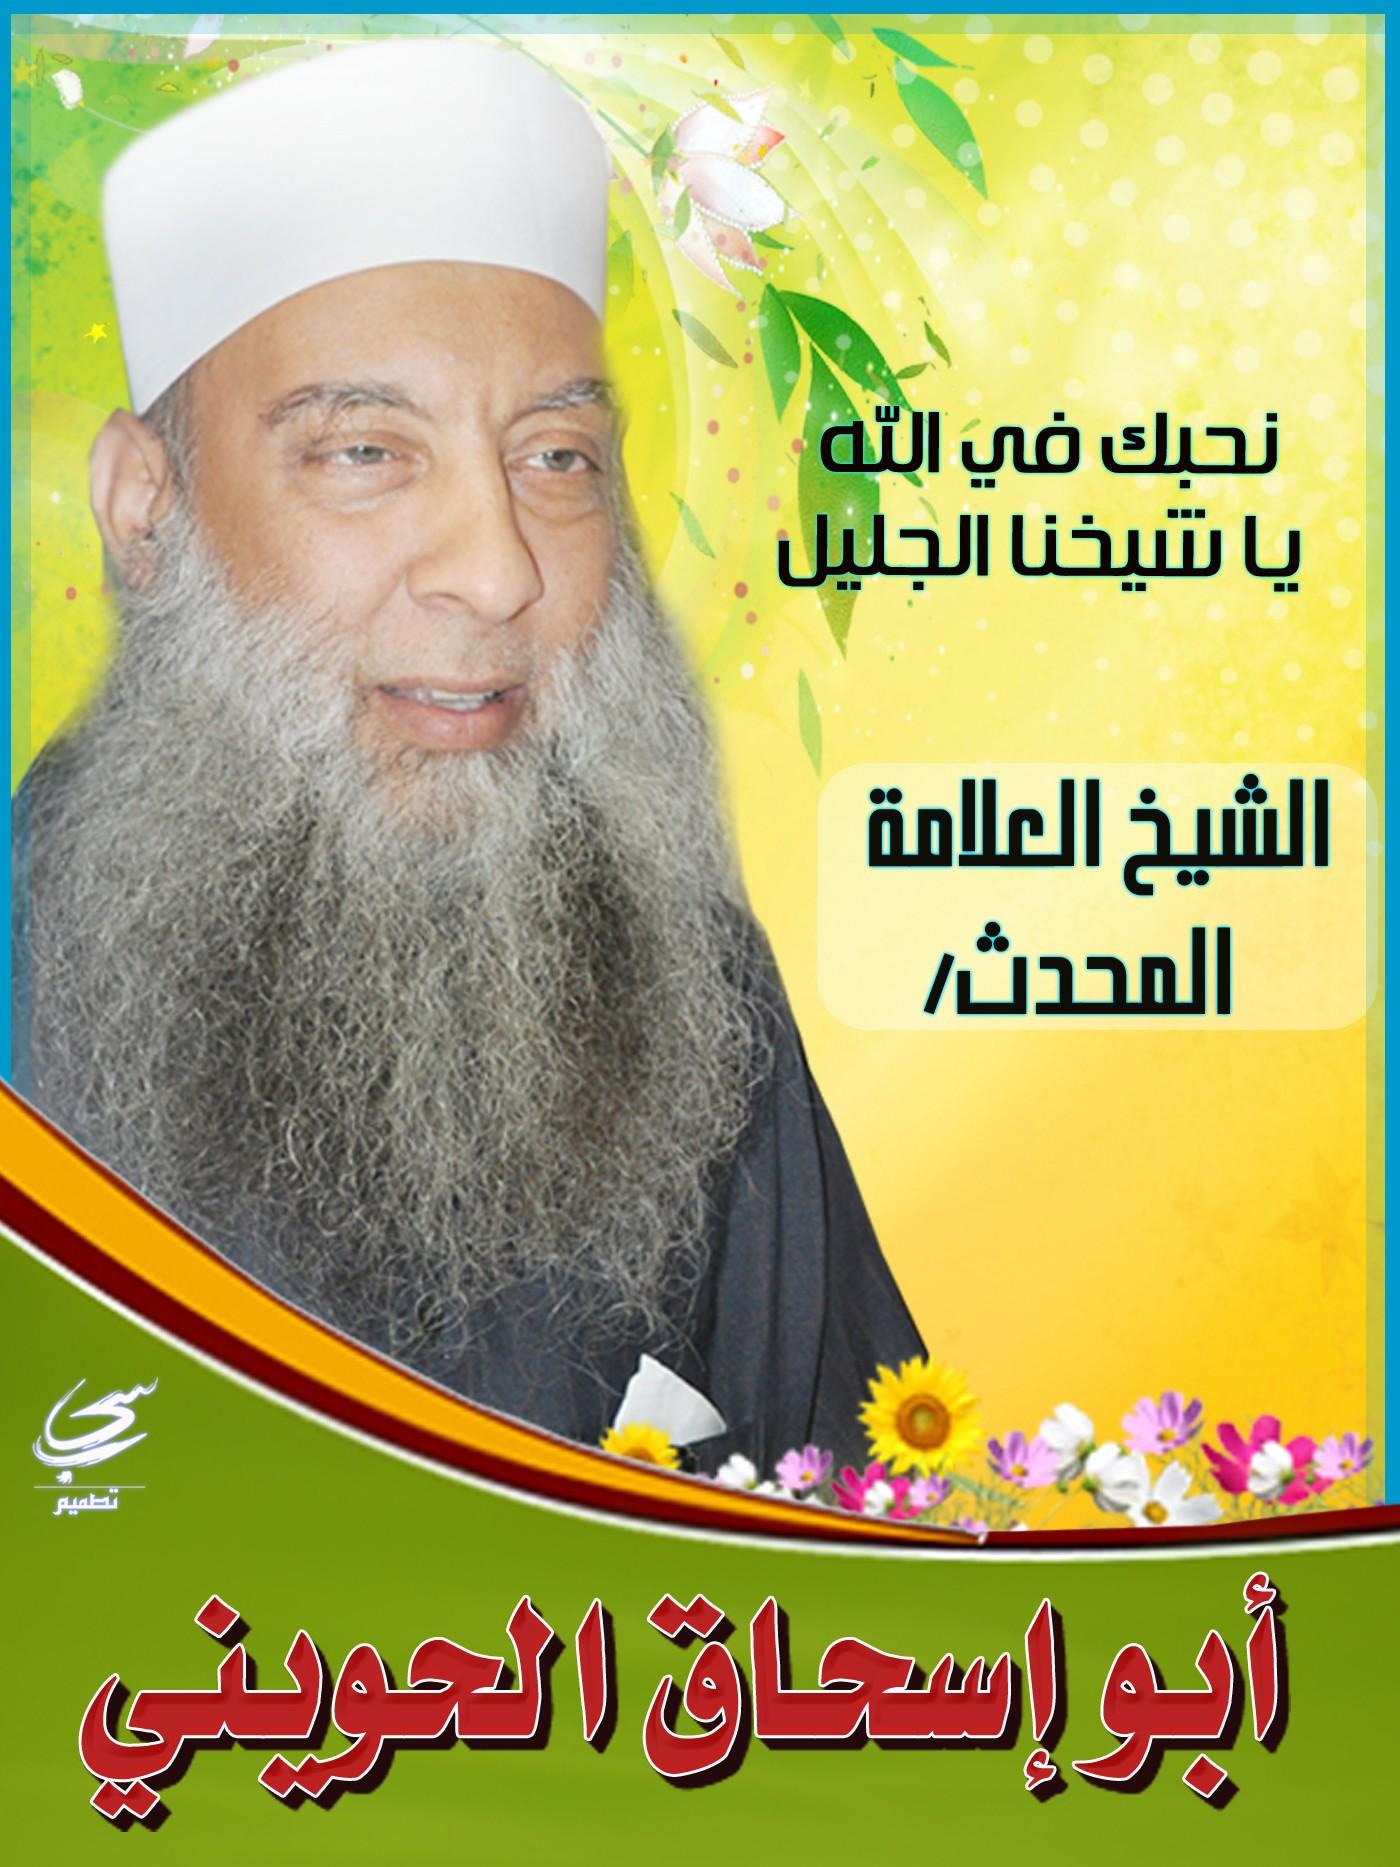 الشيخ ابو اسحاق الحوينى